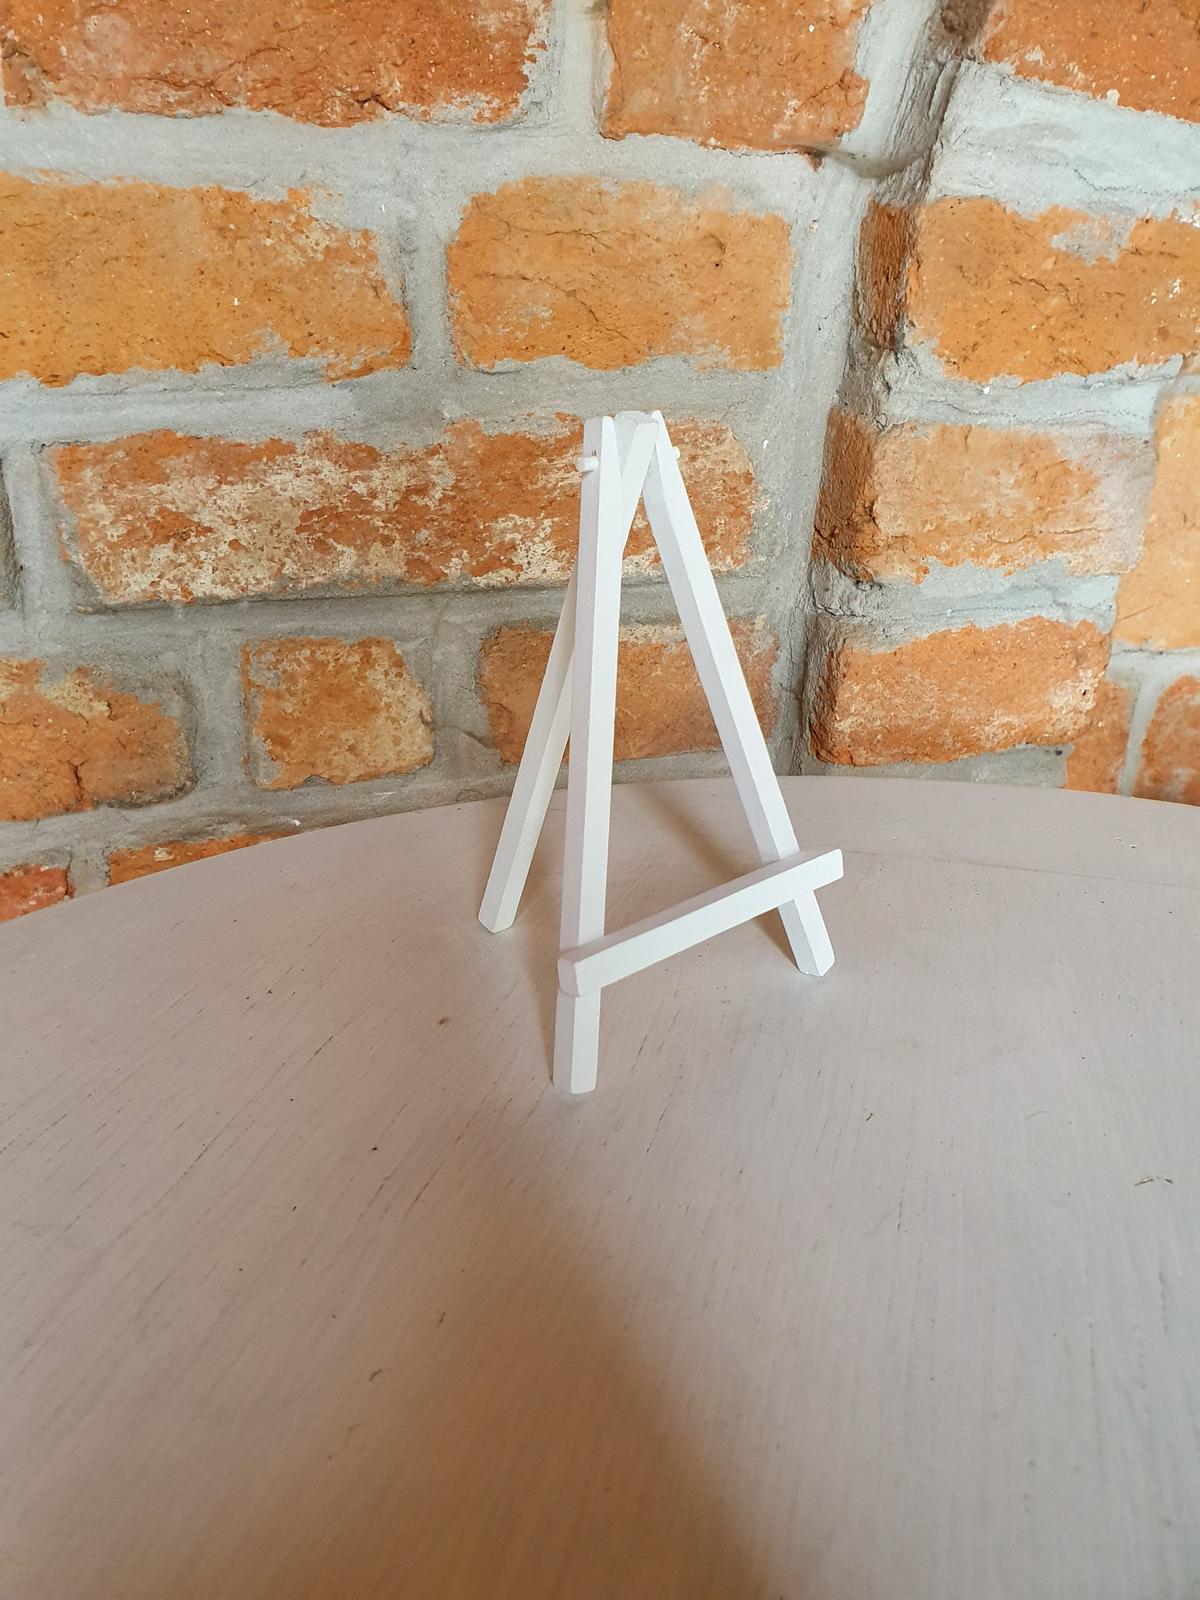 Drevené stojany na číslovanie stolov  - Obrázok č. 1